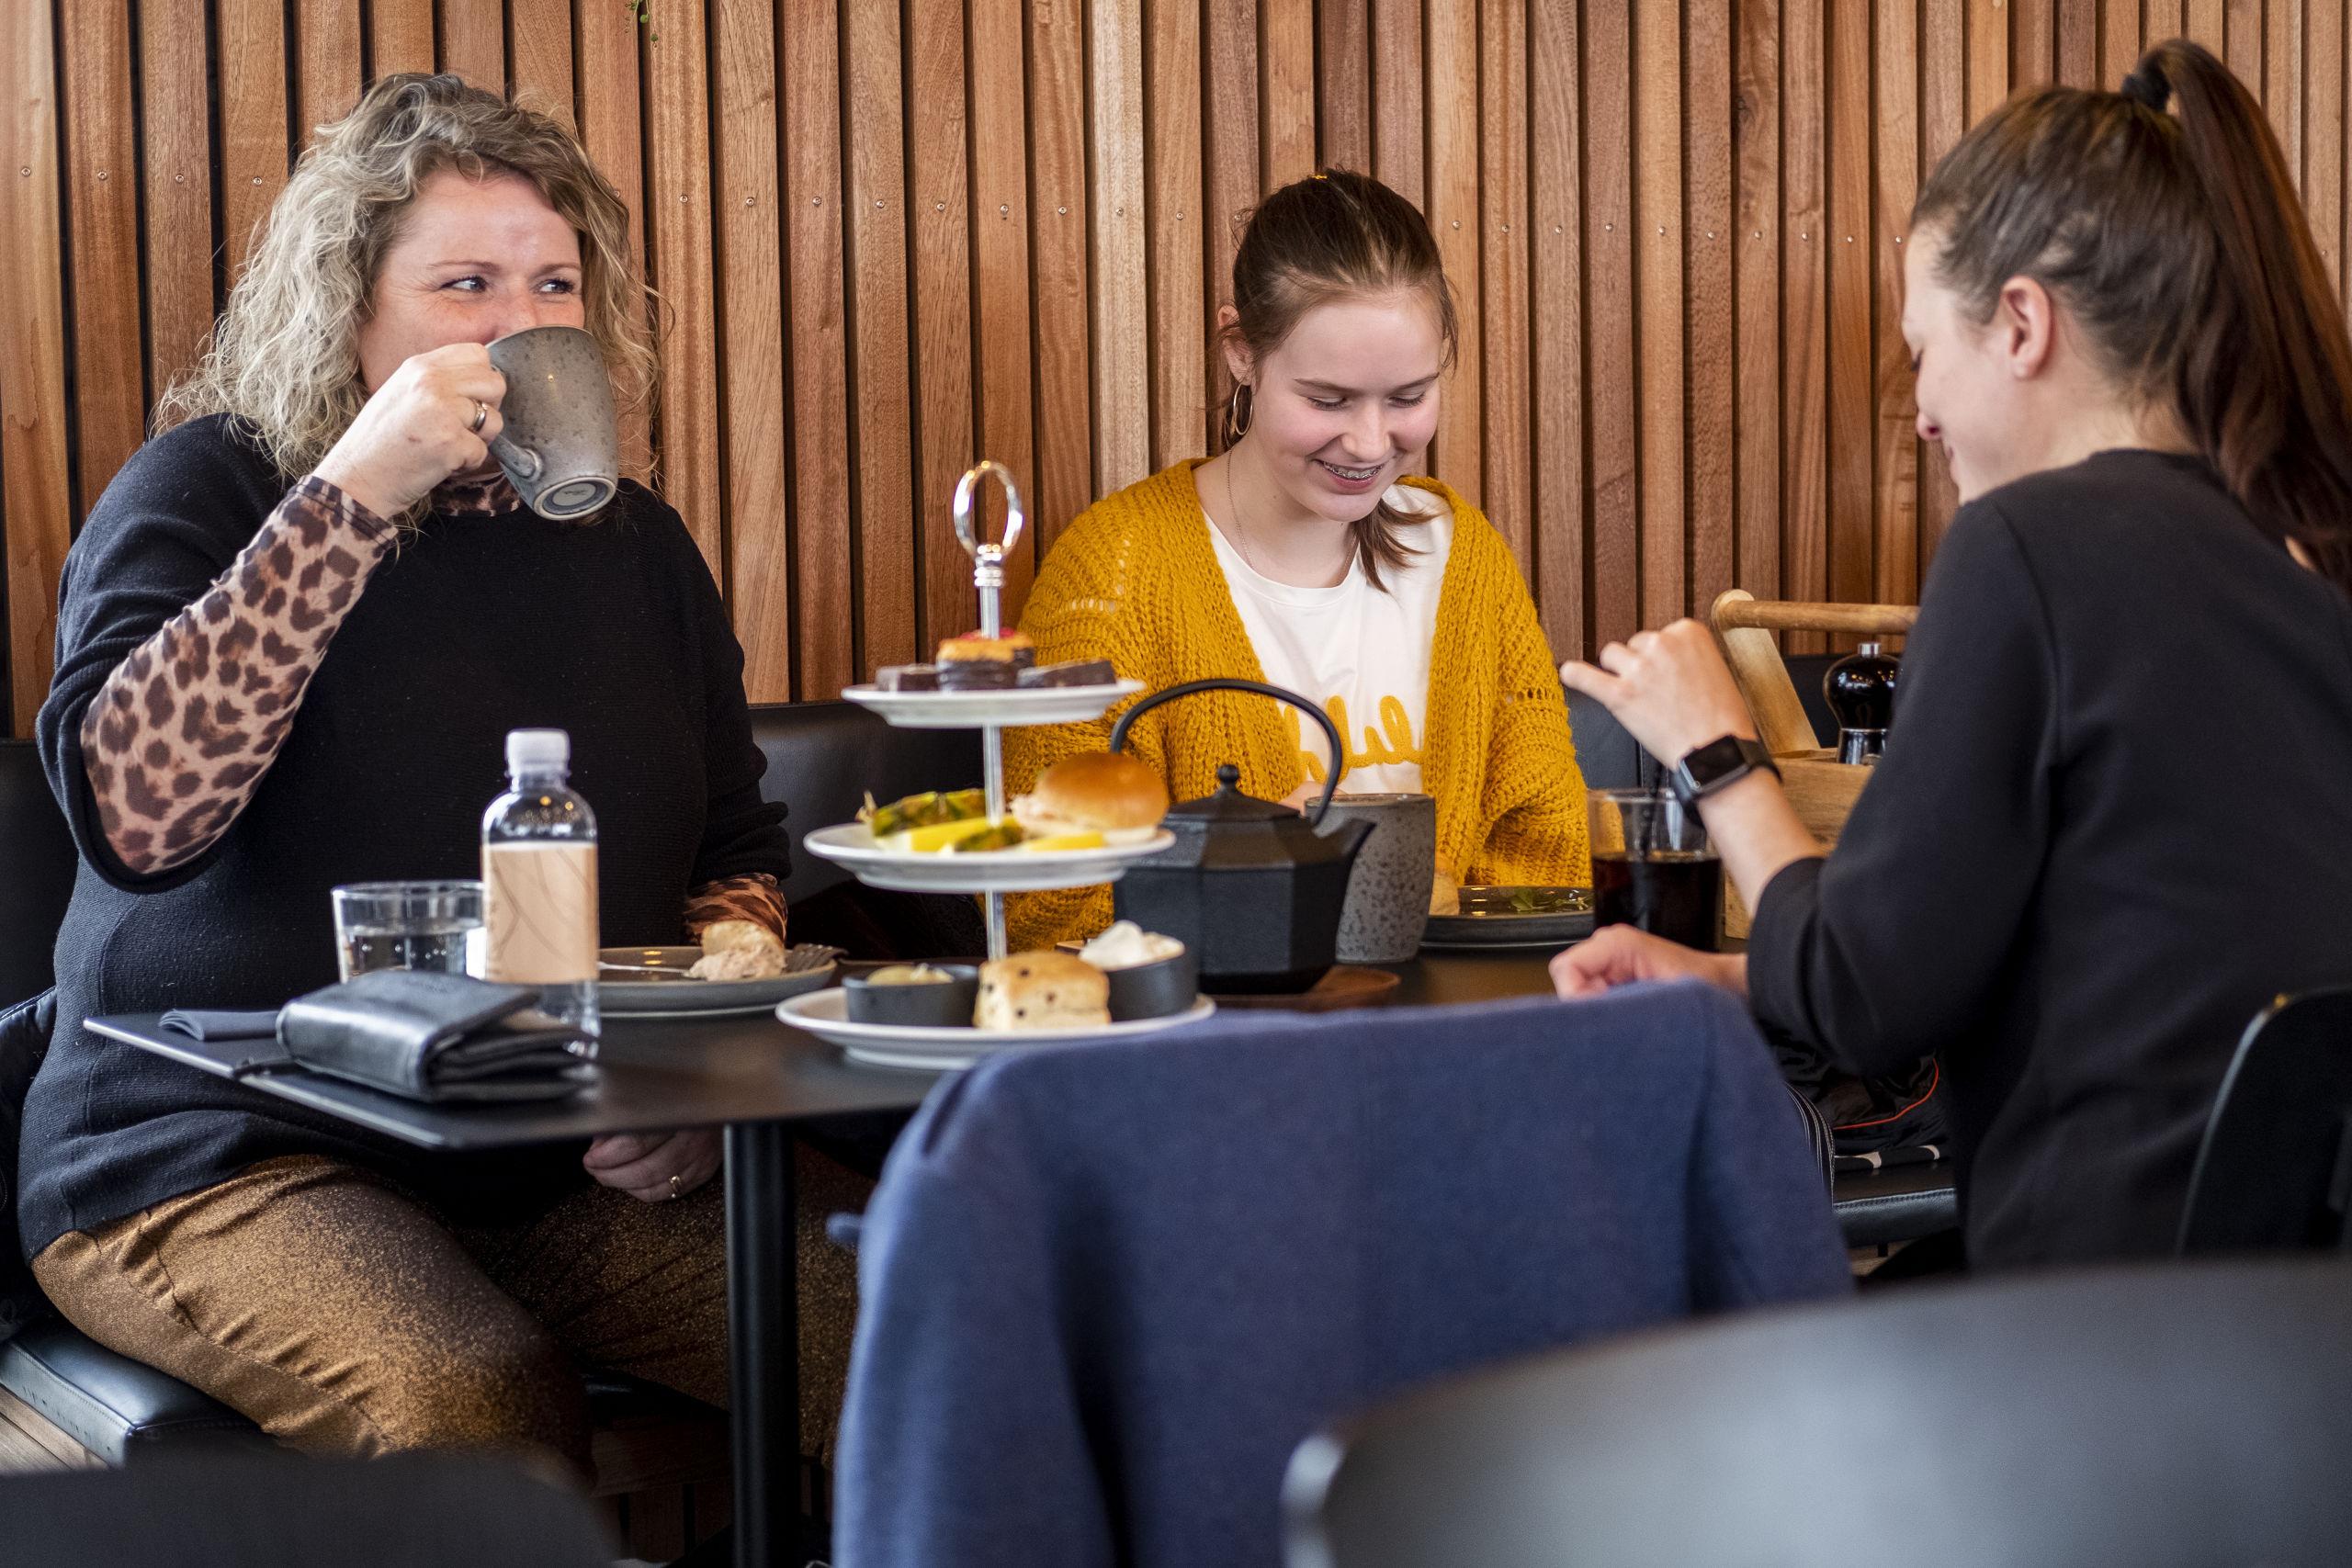 Gæsterne har taget godt imod tilbuddet om bla. te, scones og sandwich. Foto: Lasse Sand